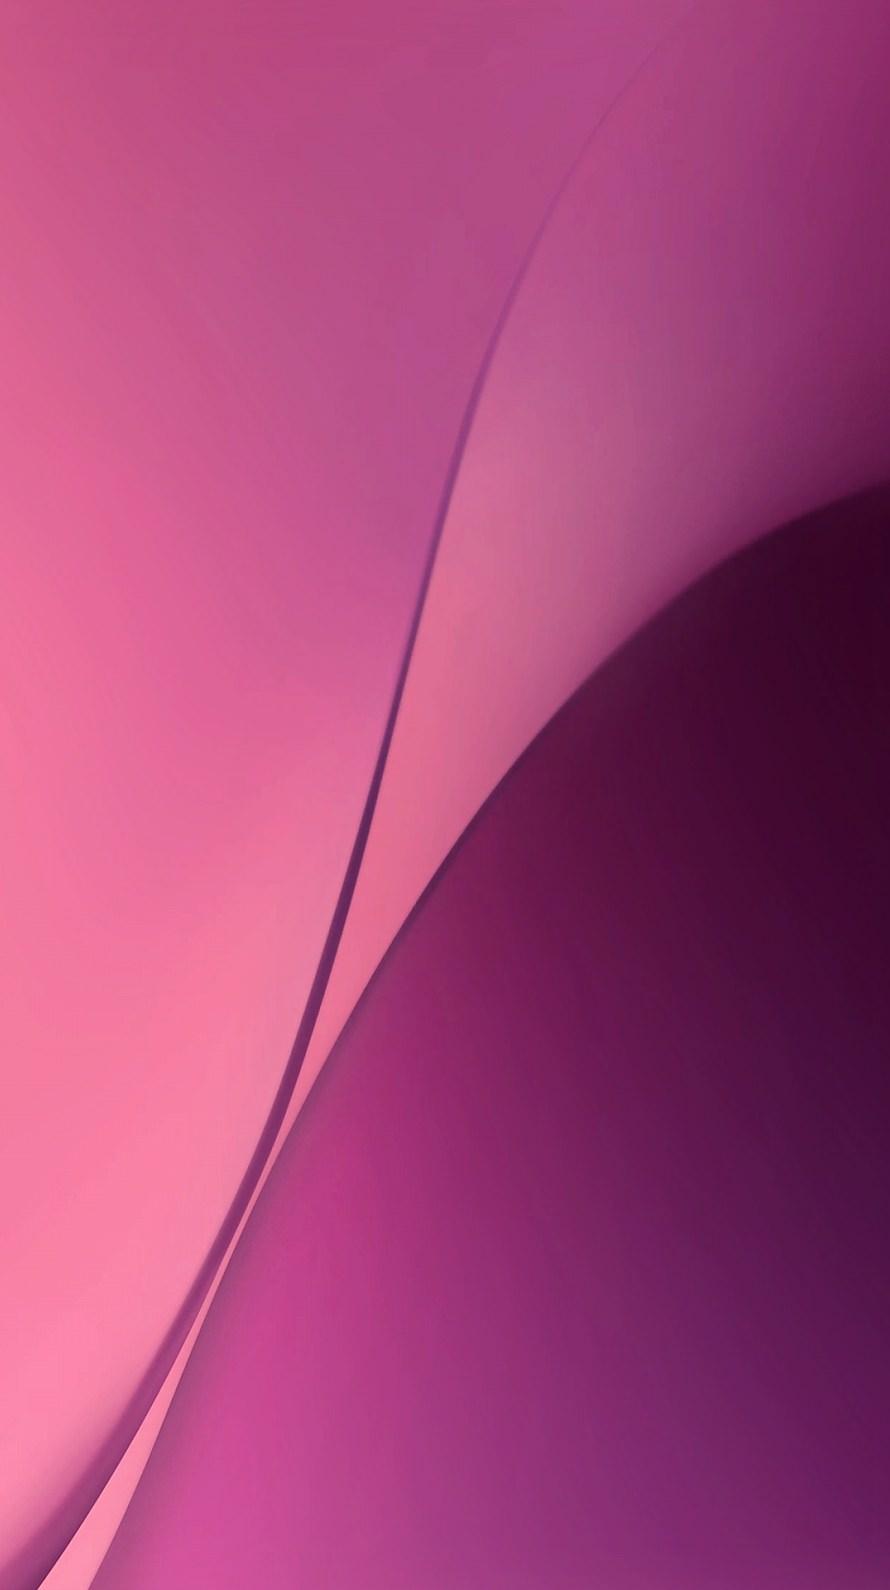 ピンクのグラデーション iPhone6壁紙